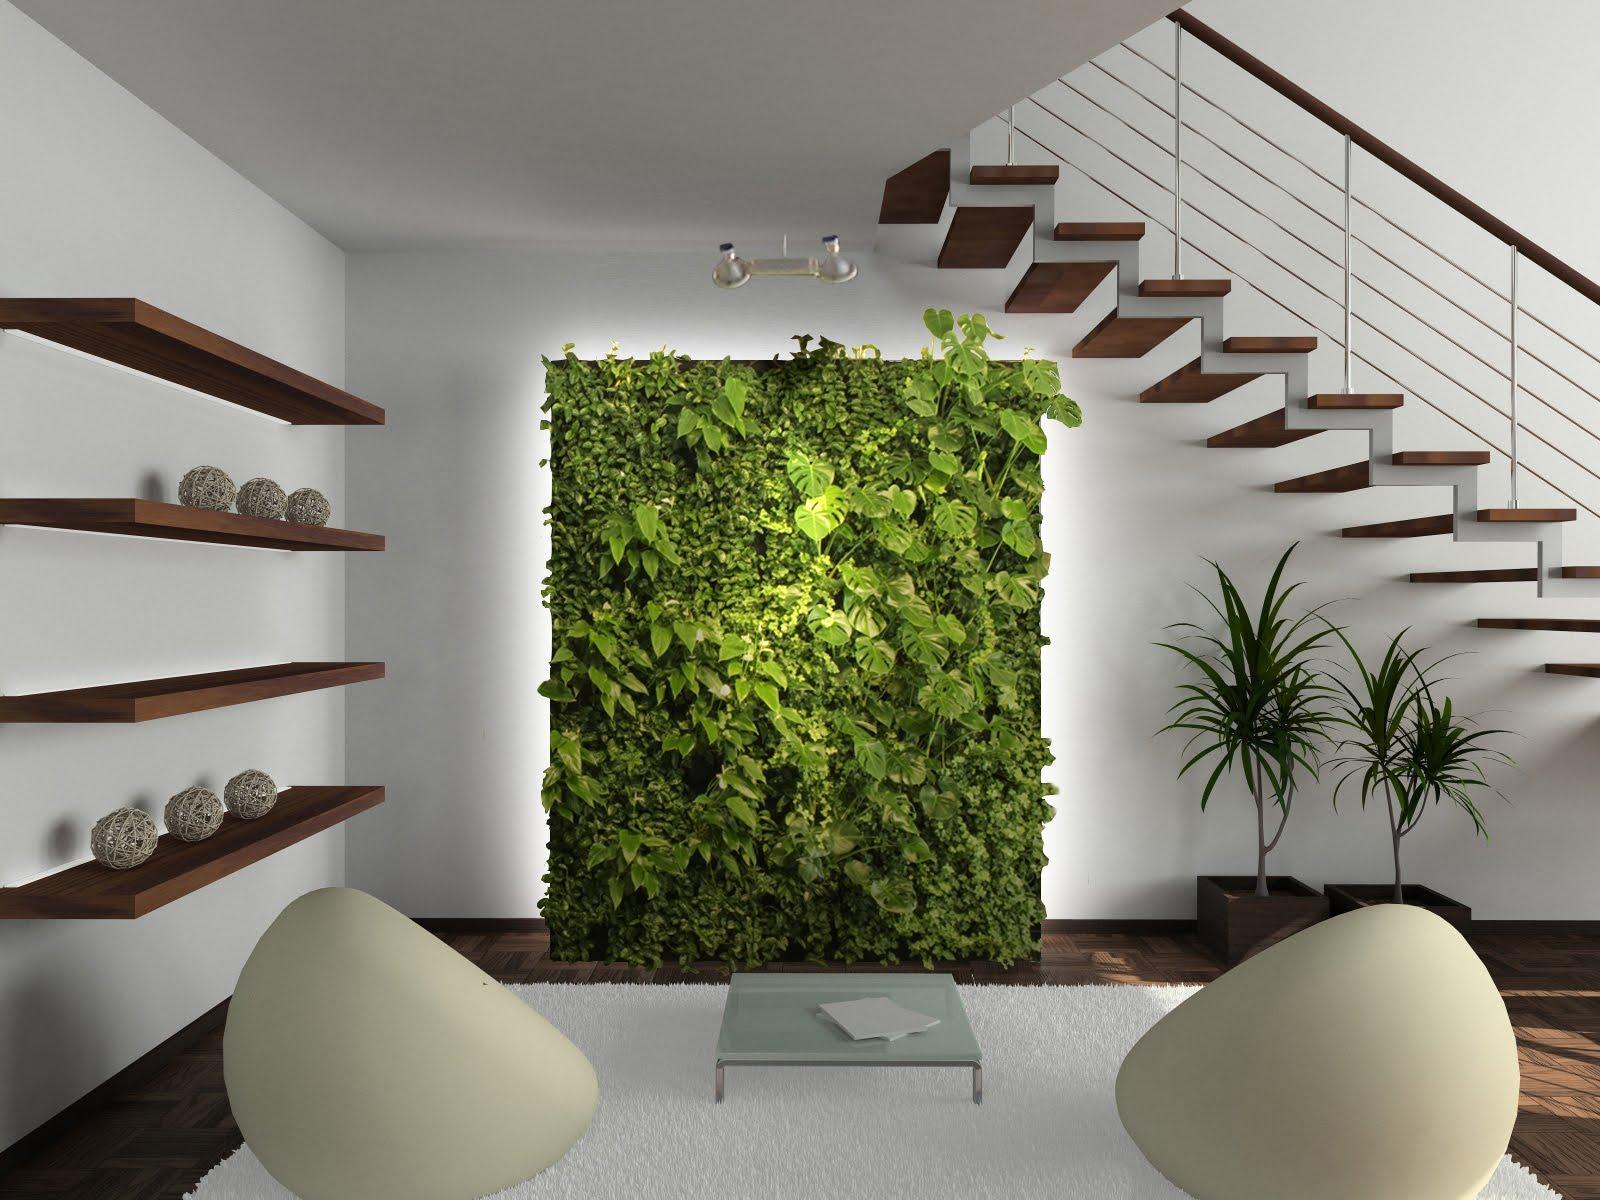 Трава в минималистском интерьере